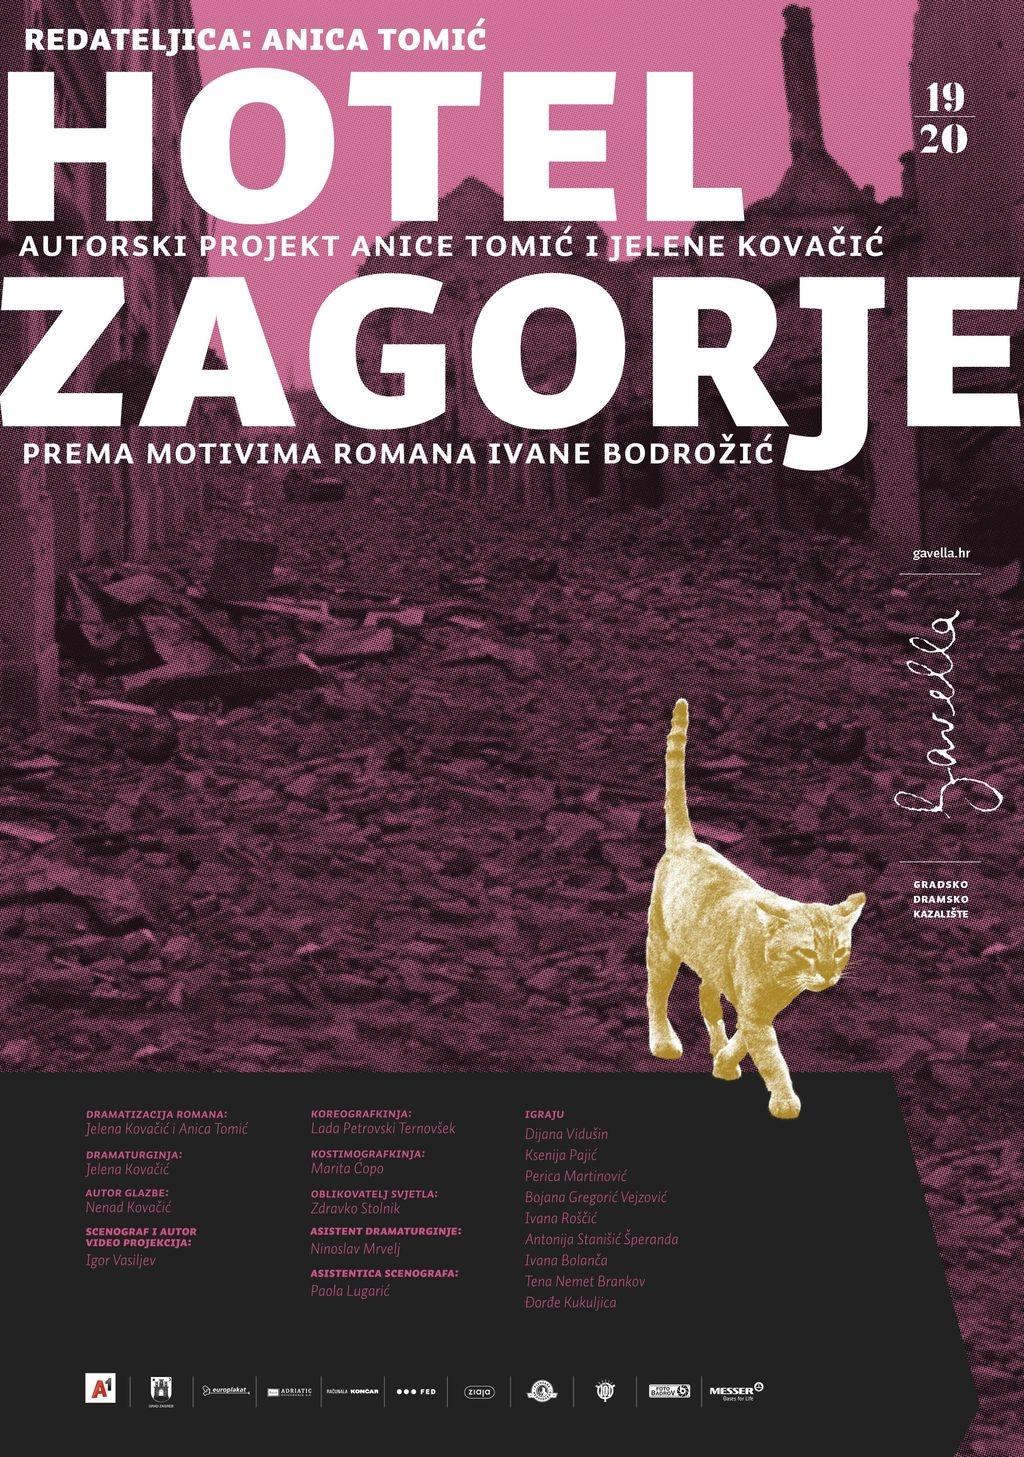 HOTEL ZAGORJE, autorski projekt Anice Tomić i Jelene Kovačić prema motivima romana Ivane Bodrožić